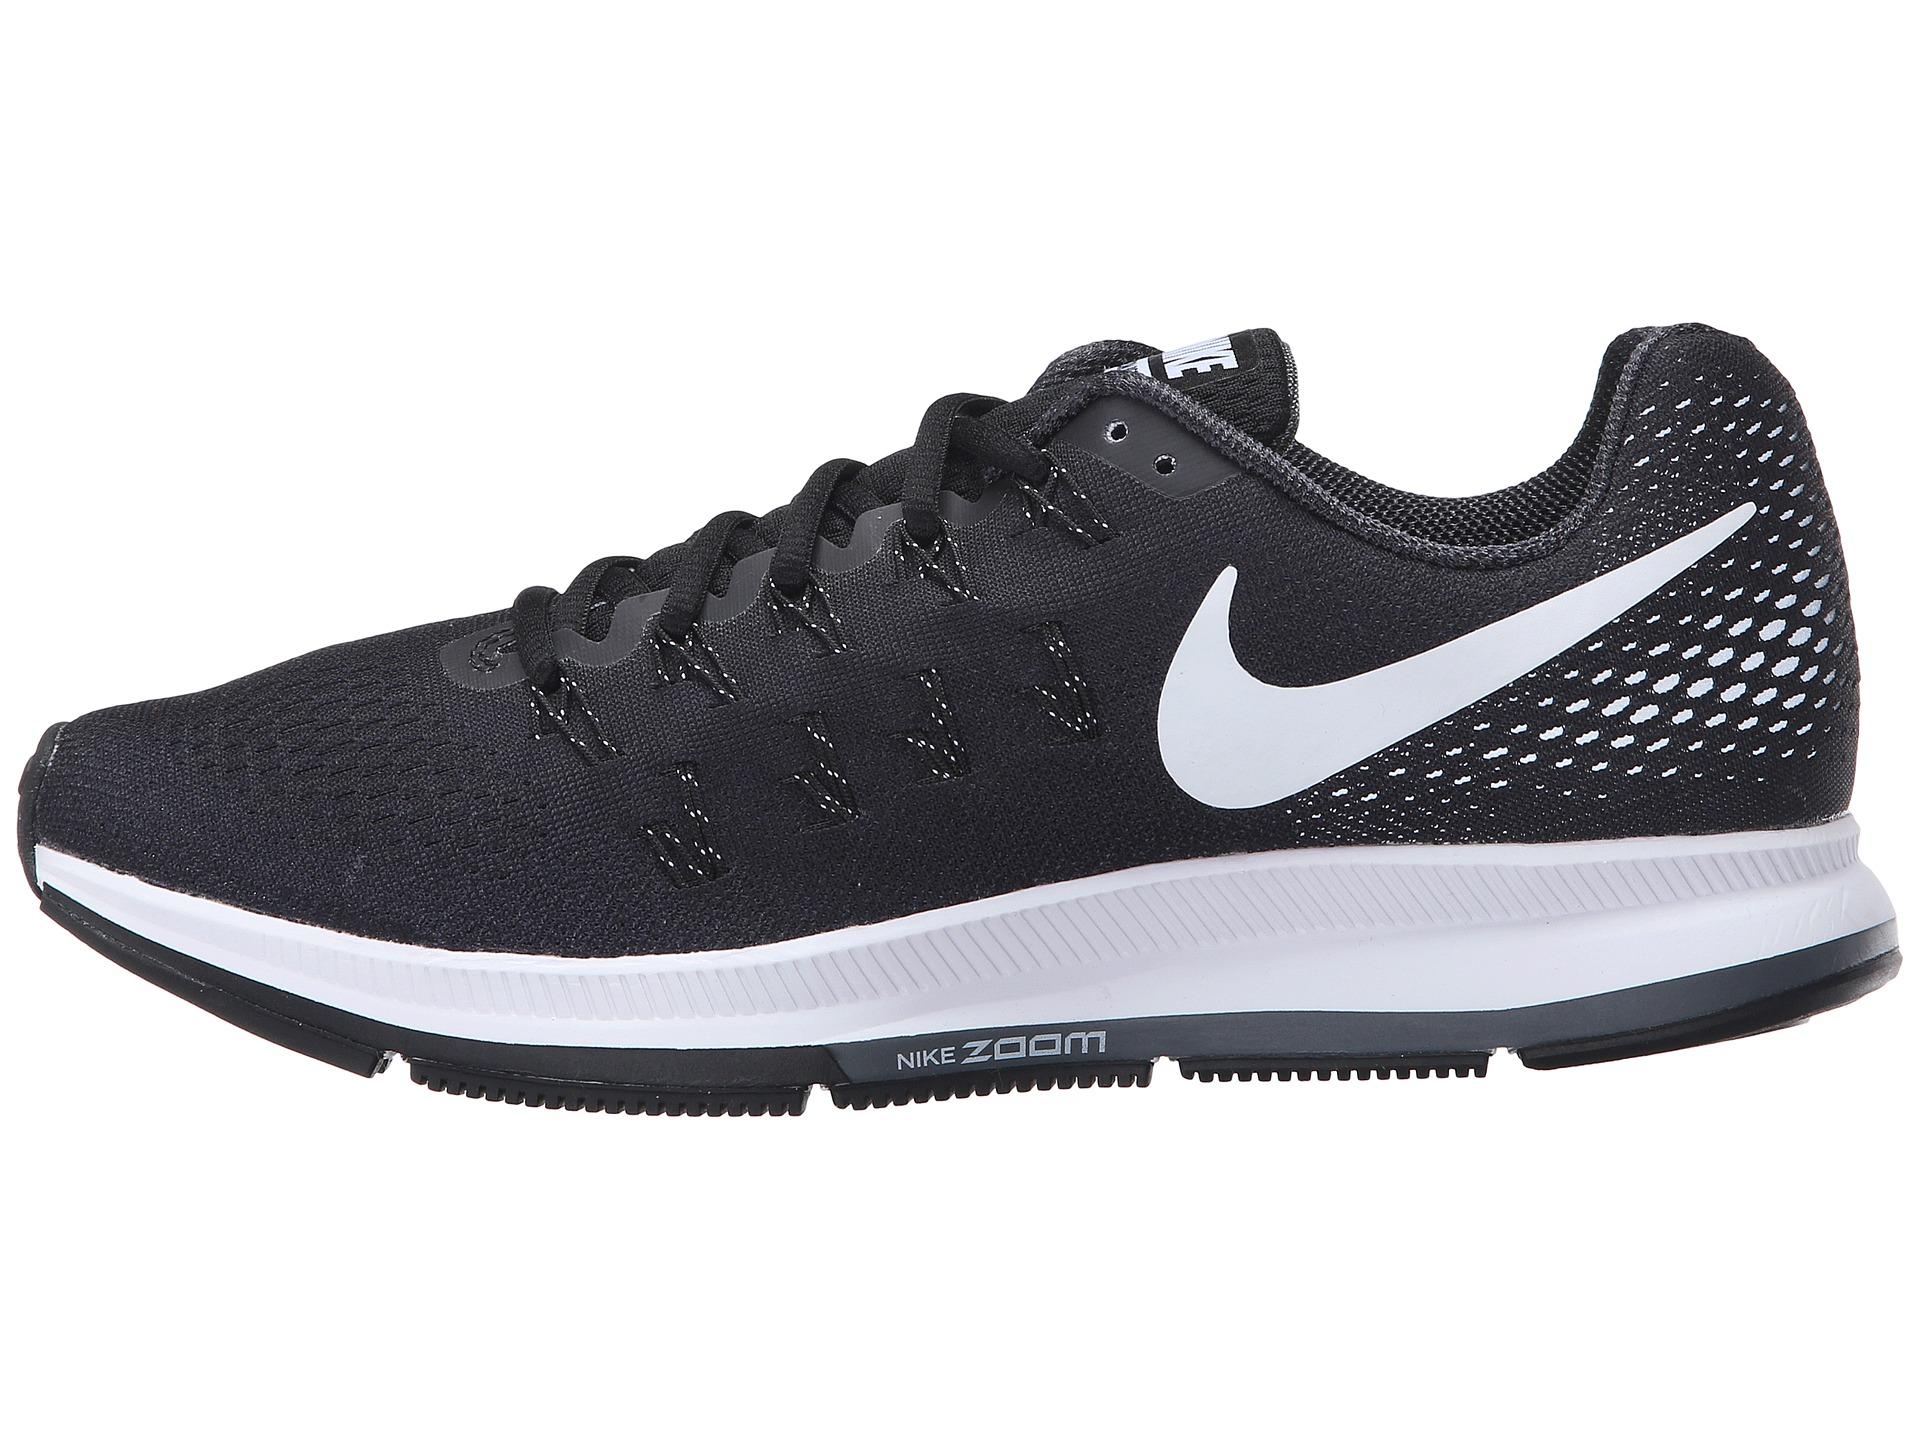 418a9b812acf9 Air Max 90 Zoom Nike Air Zoom 90 Football Boots Koplin Del Rio